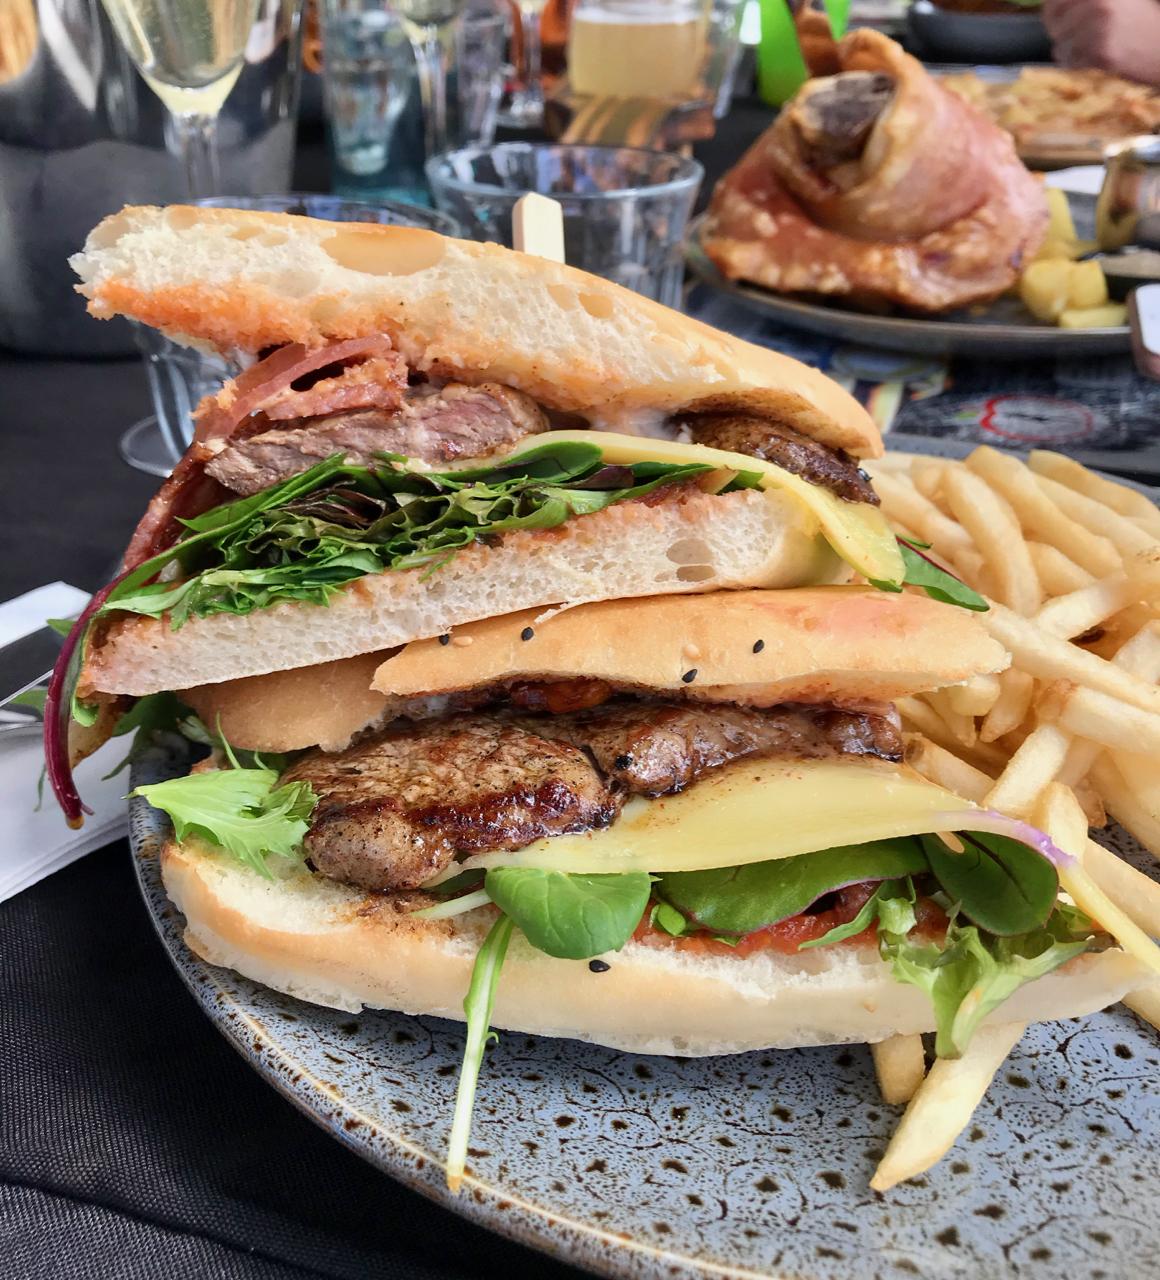 WA's best steak sandwich competition is back